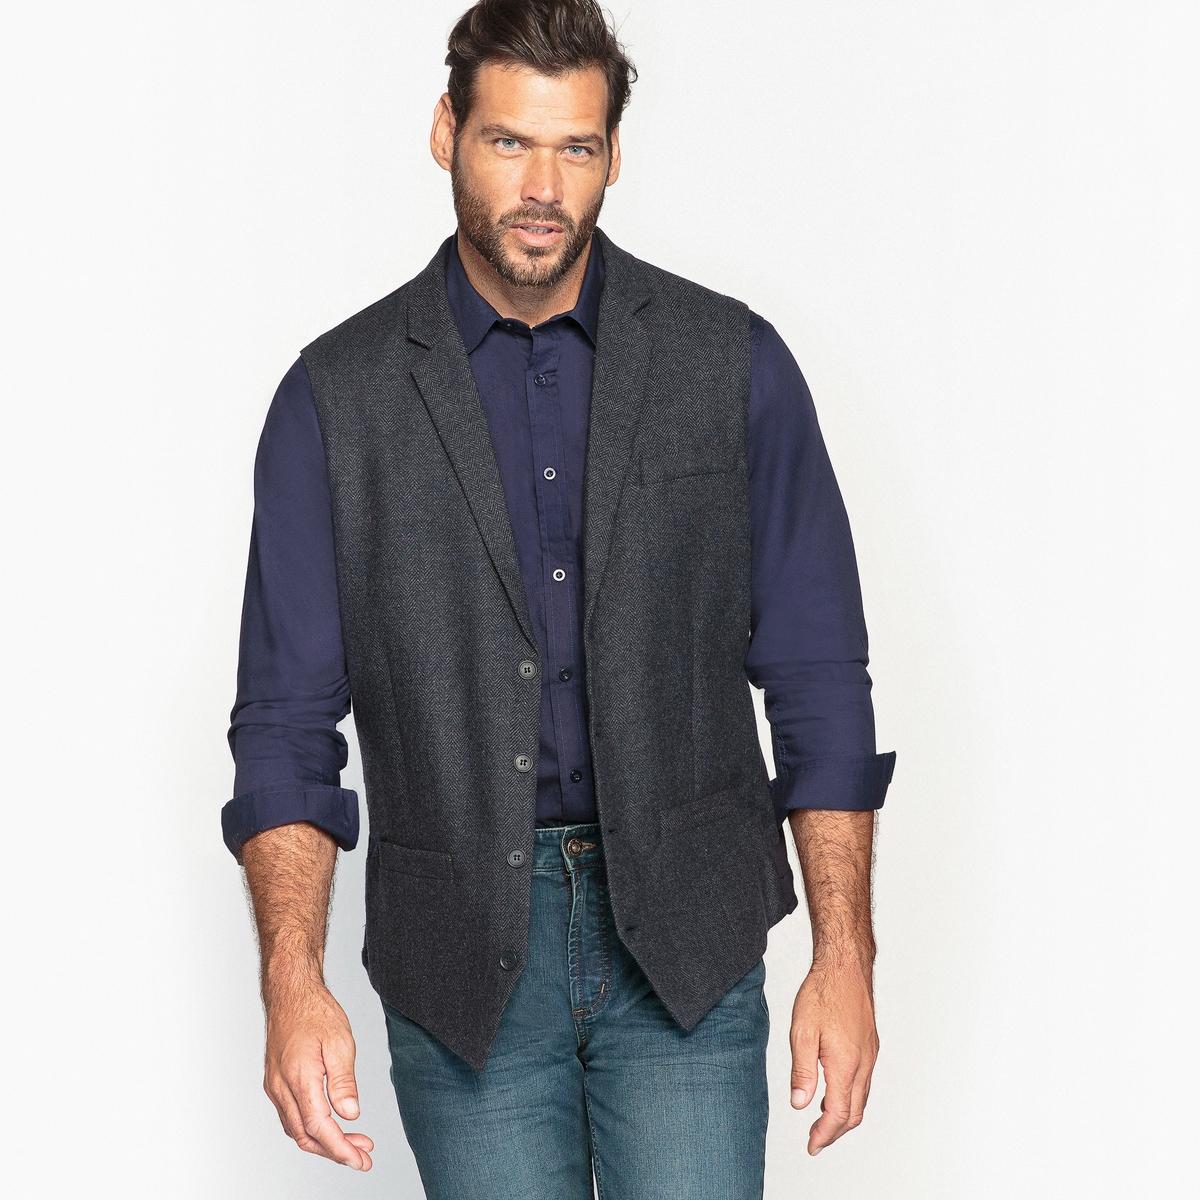 Жилет костюмный прямого покрояОписание:Стильный костюмный жилет из твида. С рубашкой и джинсами подойдет к классическому или городскому образу.Детали •  Пиджак костюмный •  Прямой покрой •  Воротник-поло, рубашечныйСостав и уход •  43% шерсти, 6% других волокон, 51% полиэстера •  Подкладка : 100% полиэстер • Не стирать •  Допускается чистка любыми растворителями / отбеливание запрещено •  Не использовать барабанную сушку •  Не гладитьТовар из коллекции больших размеров<br><br>Цвет: темно-синий<br>Размер: 56.58